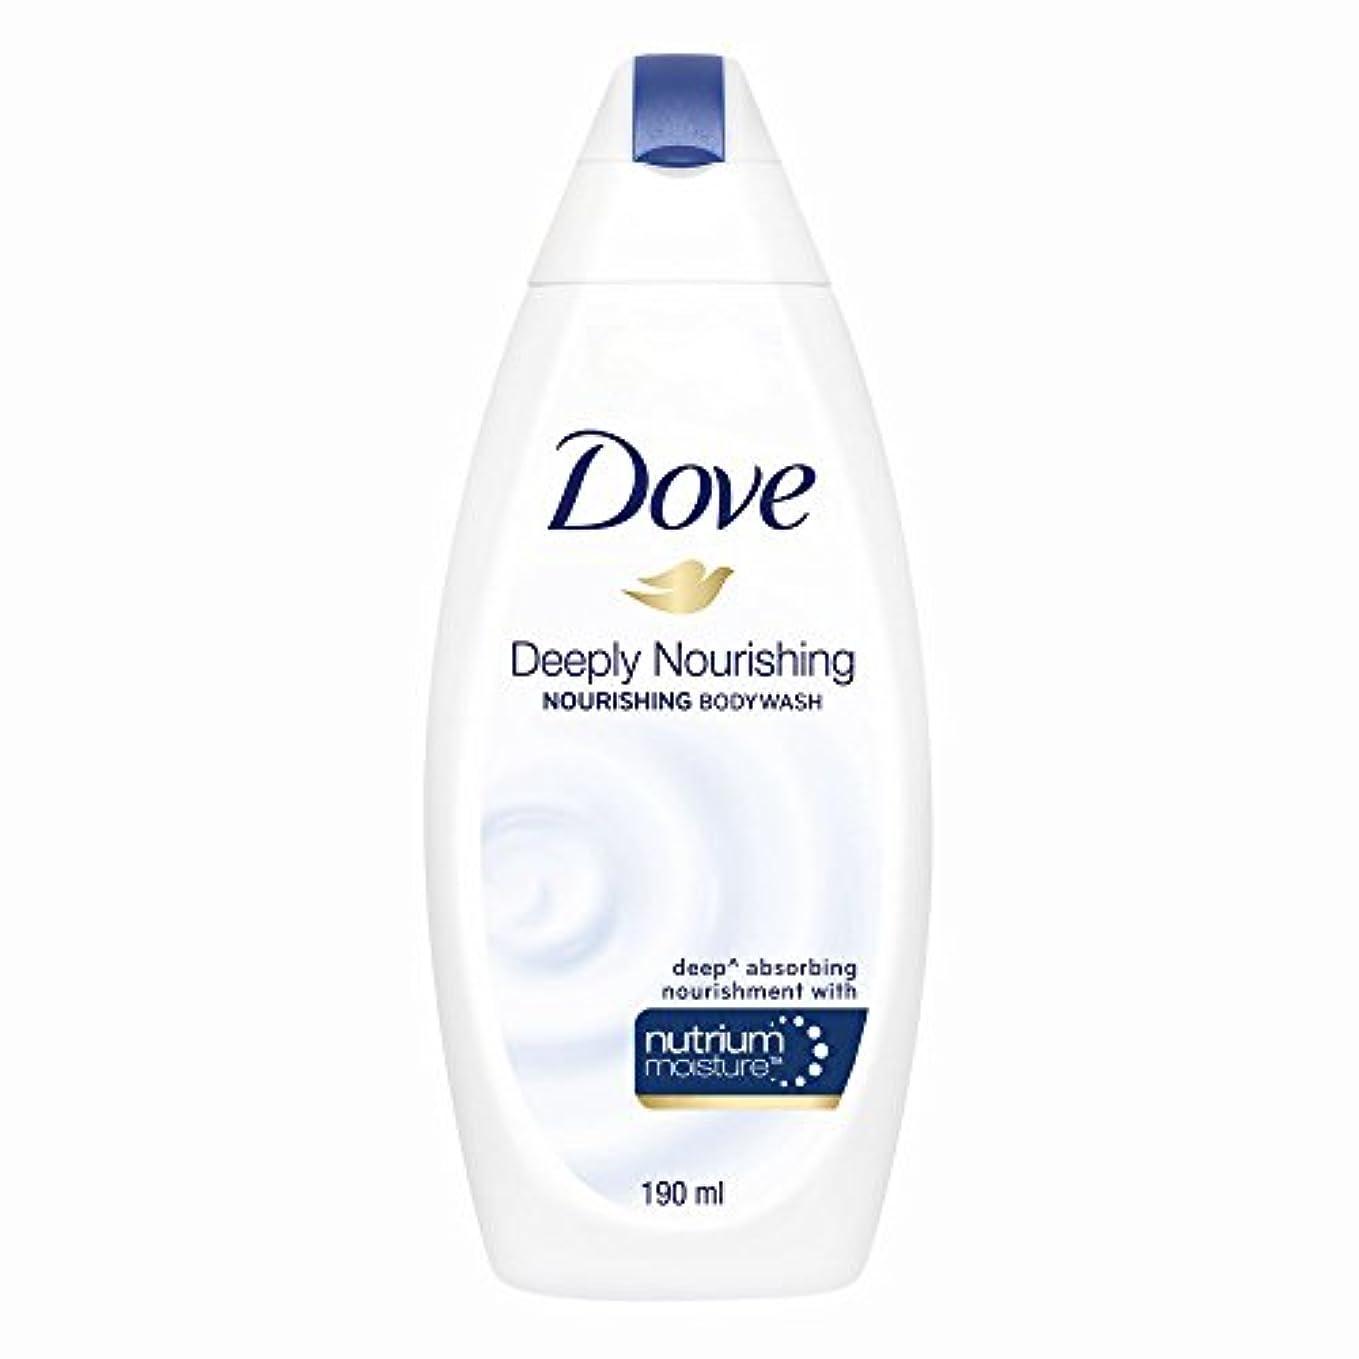 迷路私たち自身漁師Dove Deeply Nourishing Body Wash, 190ml